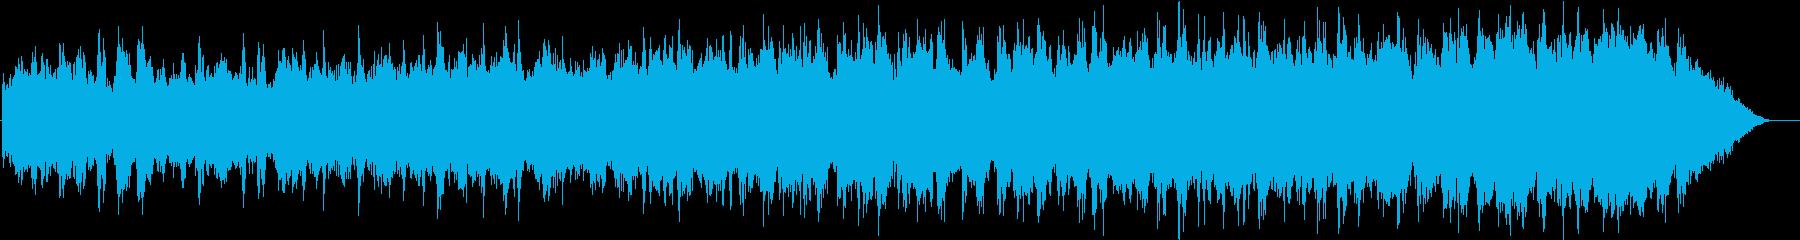 古いノスタルジックなイタリア映画風の曲の再生済みの波形